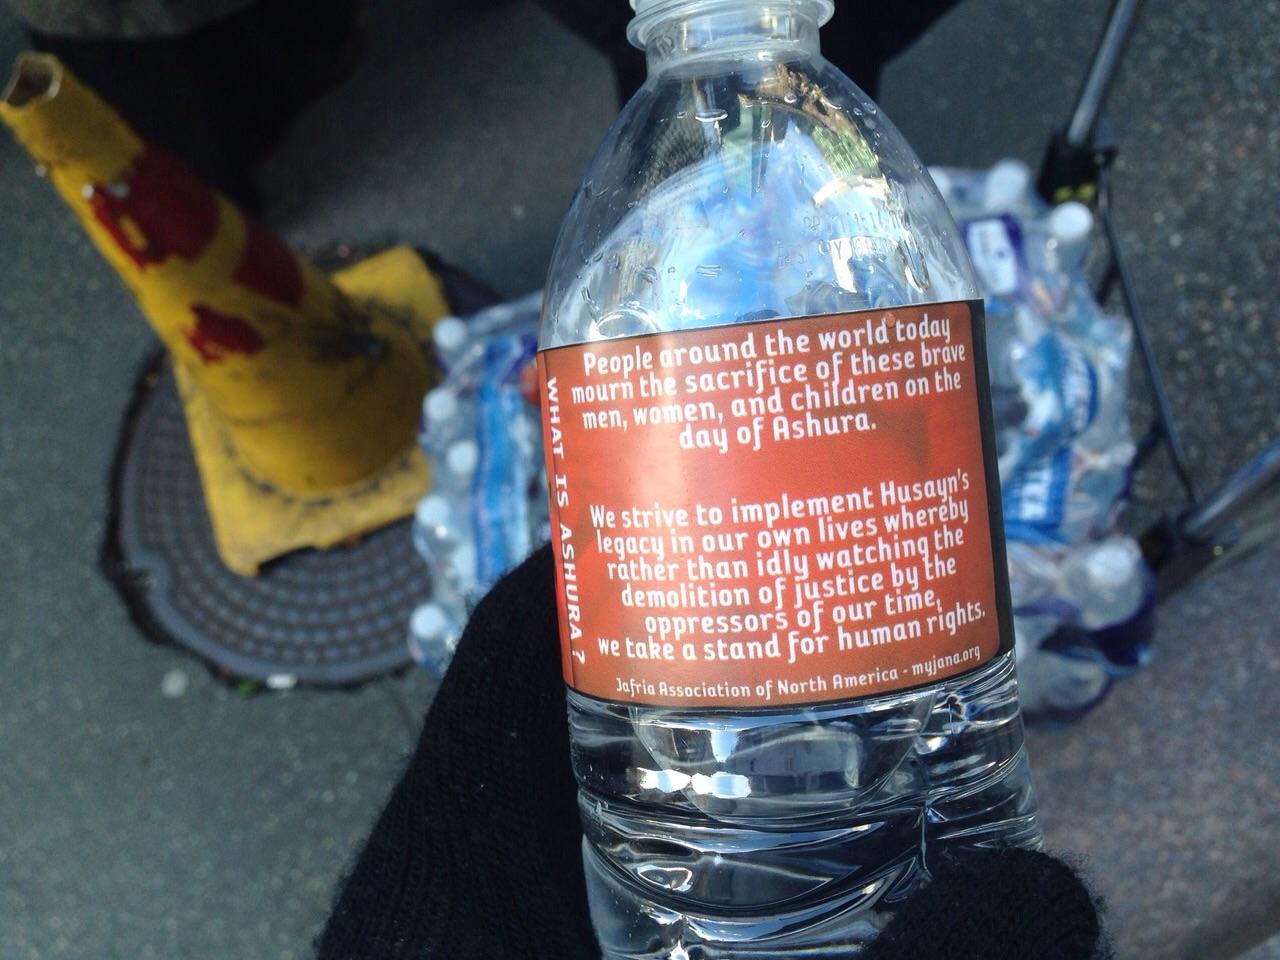 تصویر عزاداری خیابانی و توزیع آب رایگان با شعار های حسینی در مرکز شهر نیویورک